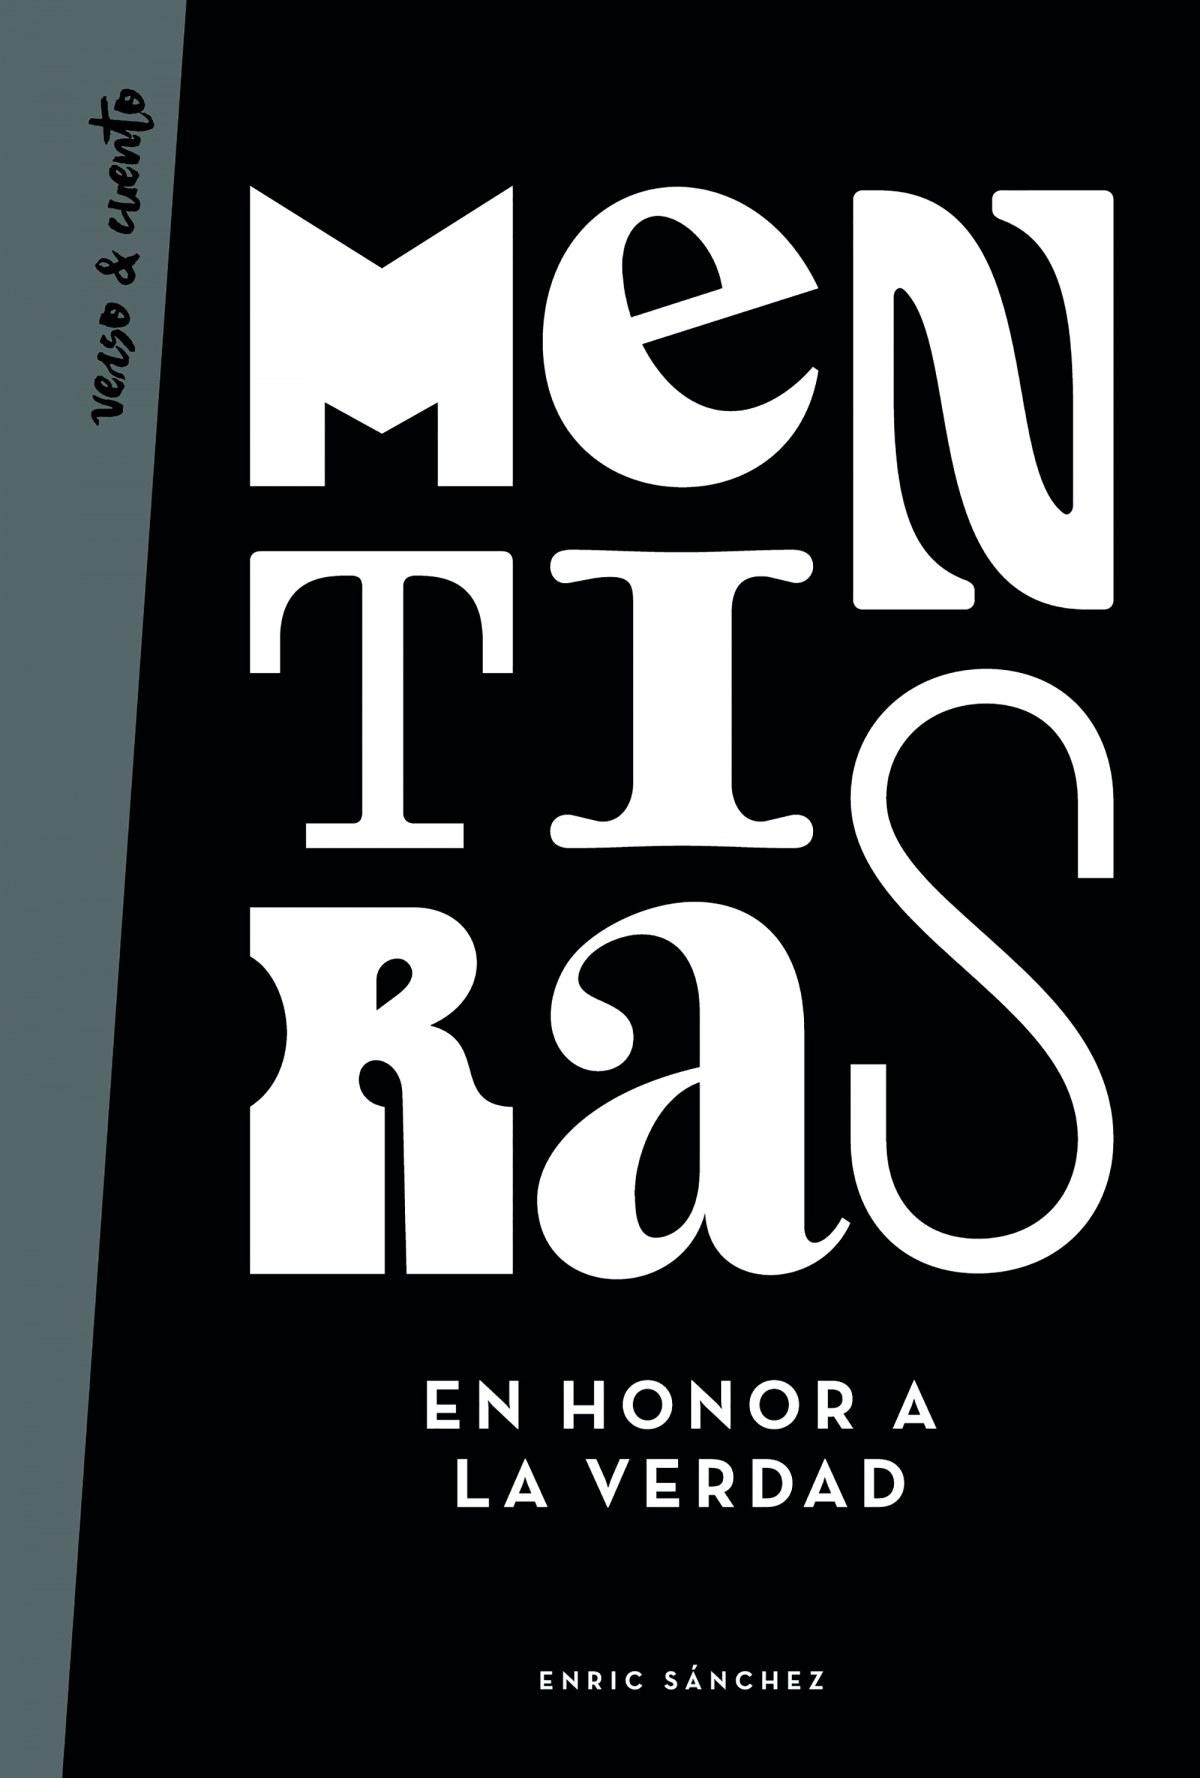 MENTIRAS EN HONOR A LA VERDAD 9788403519343